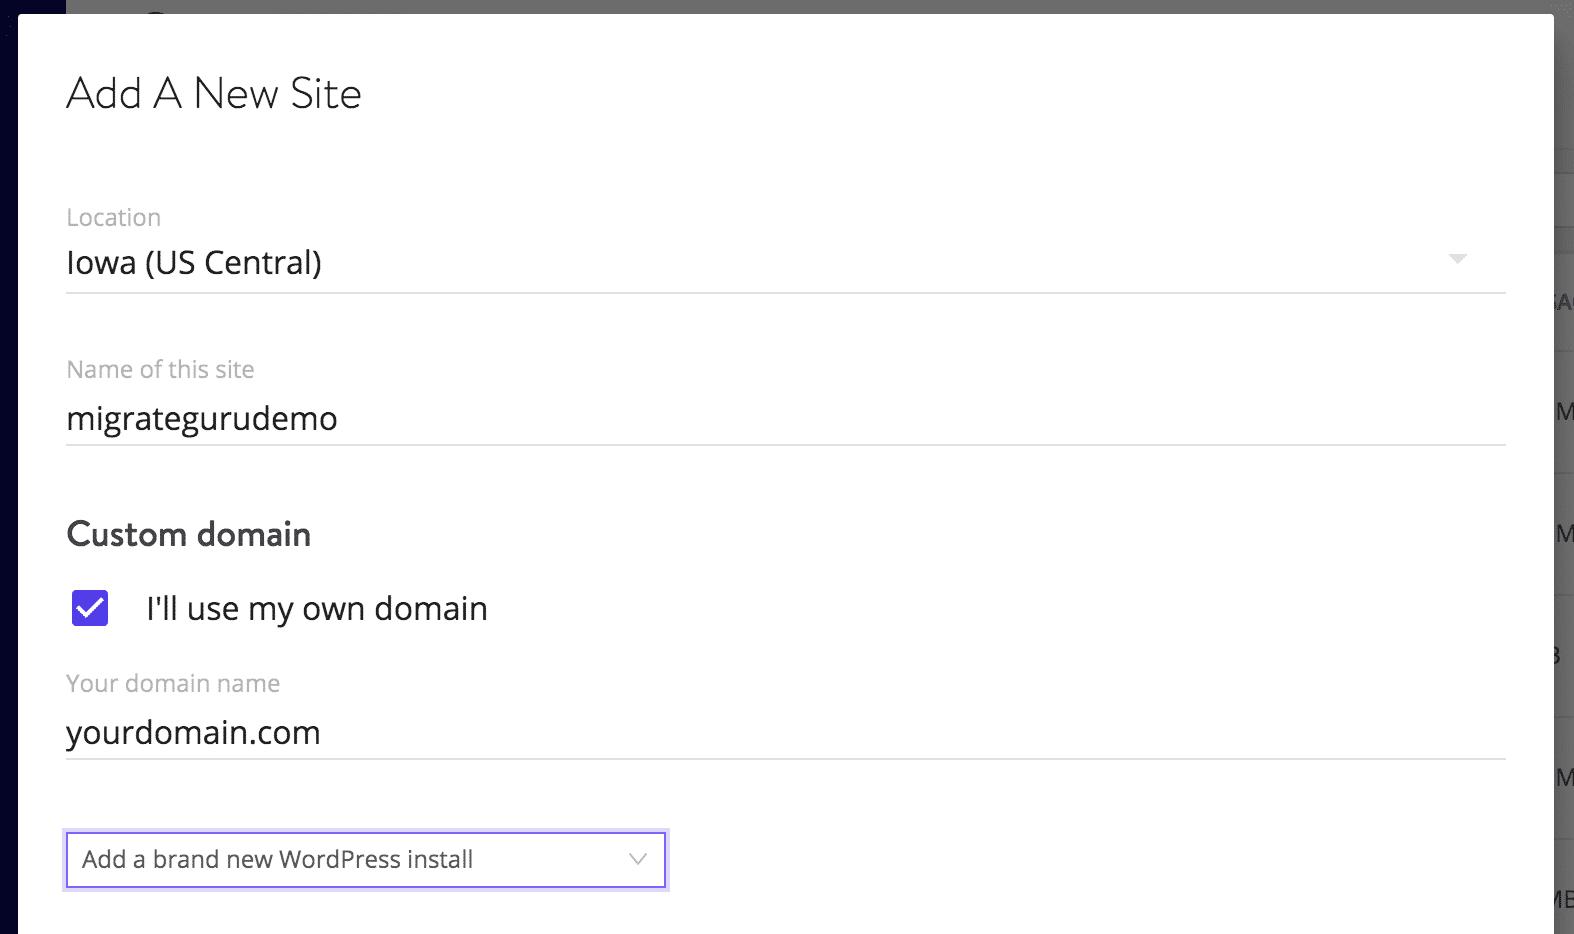 Stelle sicher, dass du WordPress installierst, wenn du eine Website hinzufügst, die du mit Migrate Guru verwenden möchtest